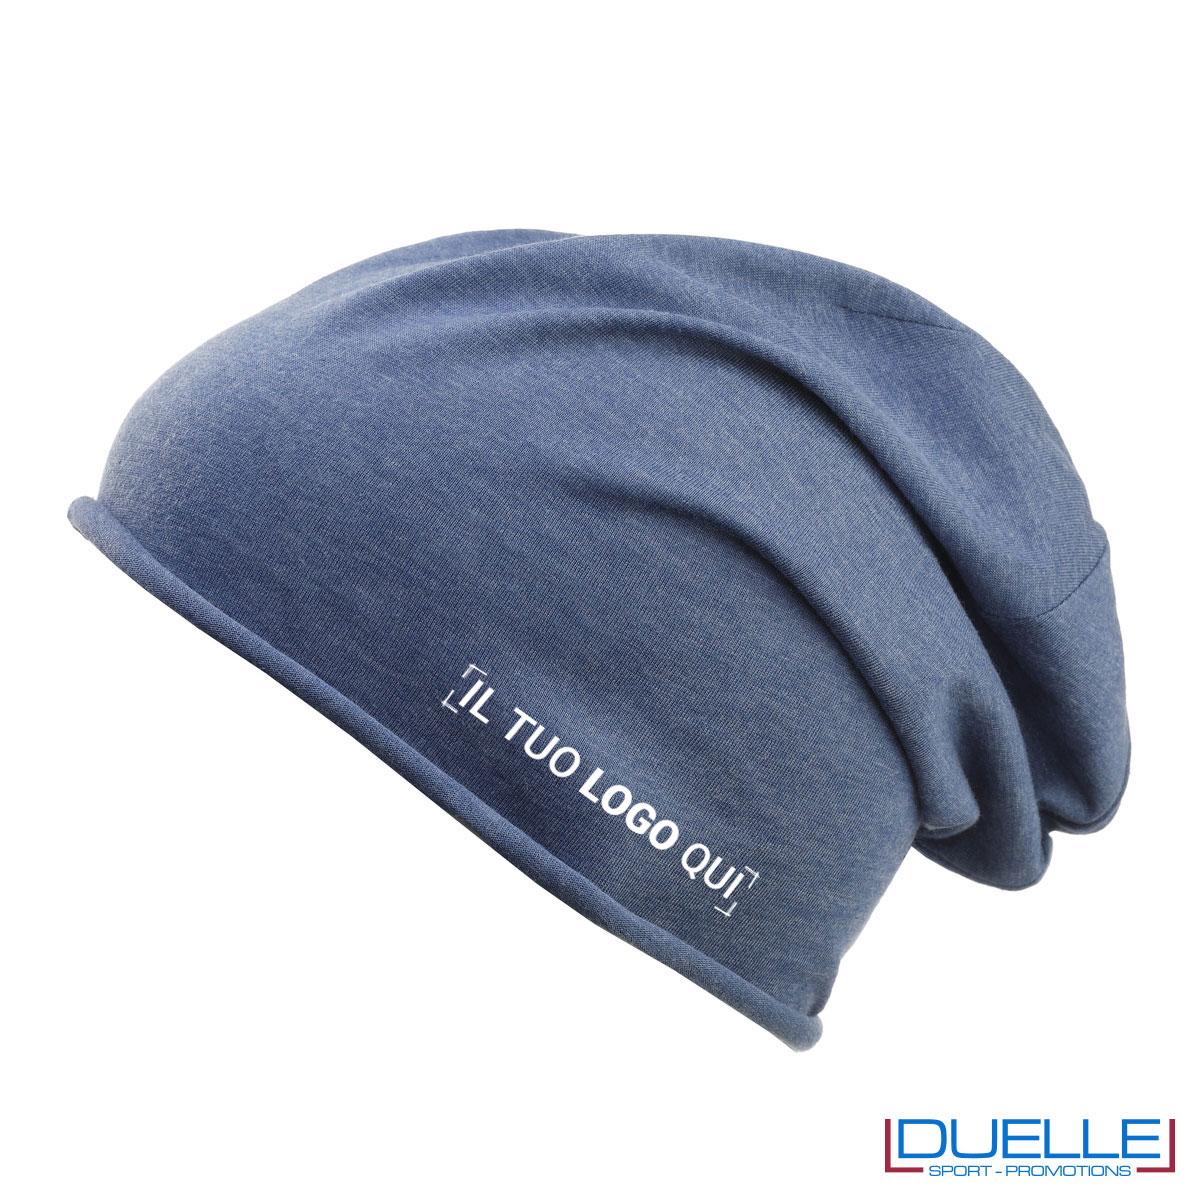 Cappello cuffia in cotone organico colore denim personalizzata